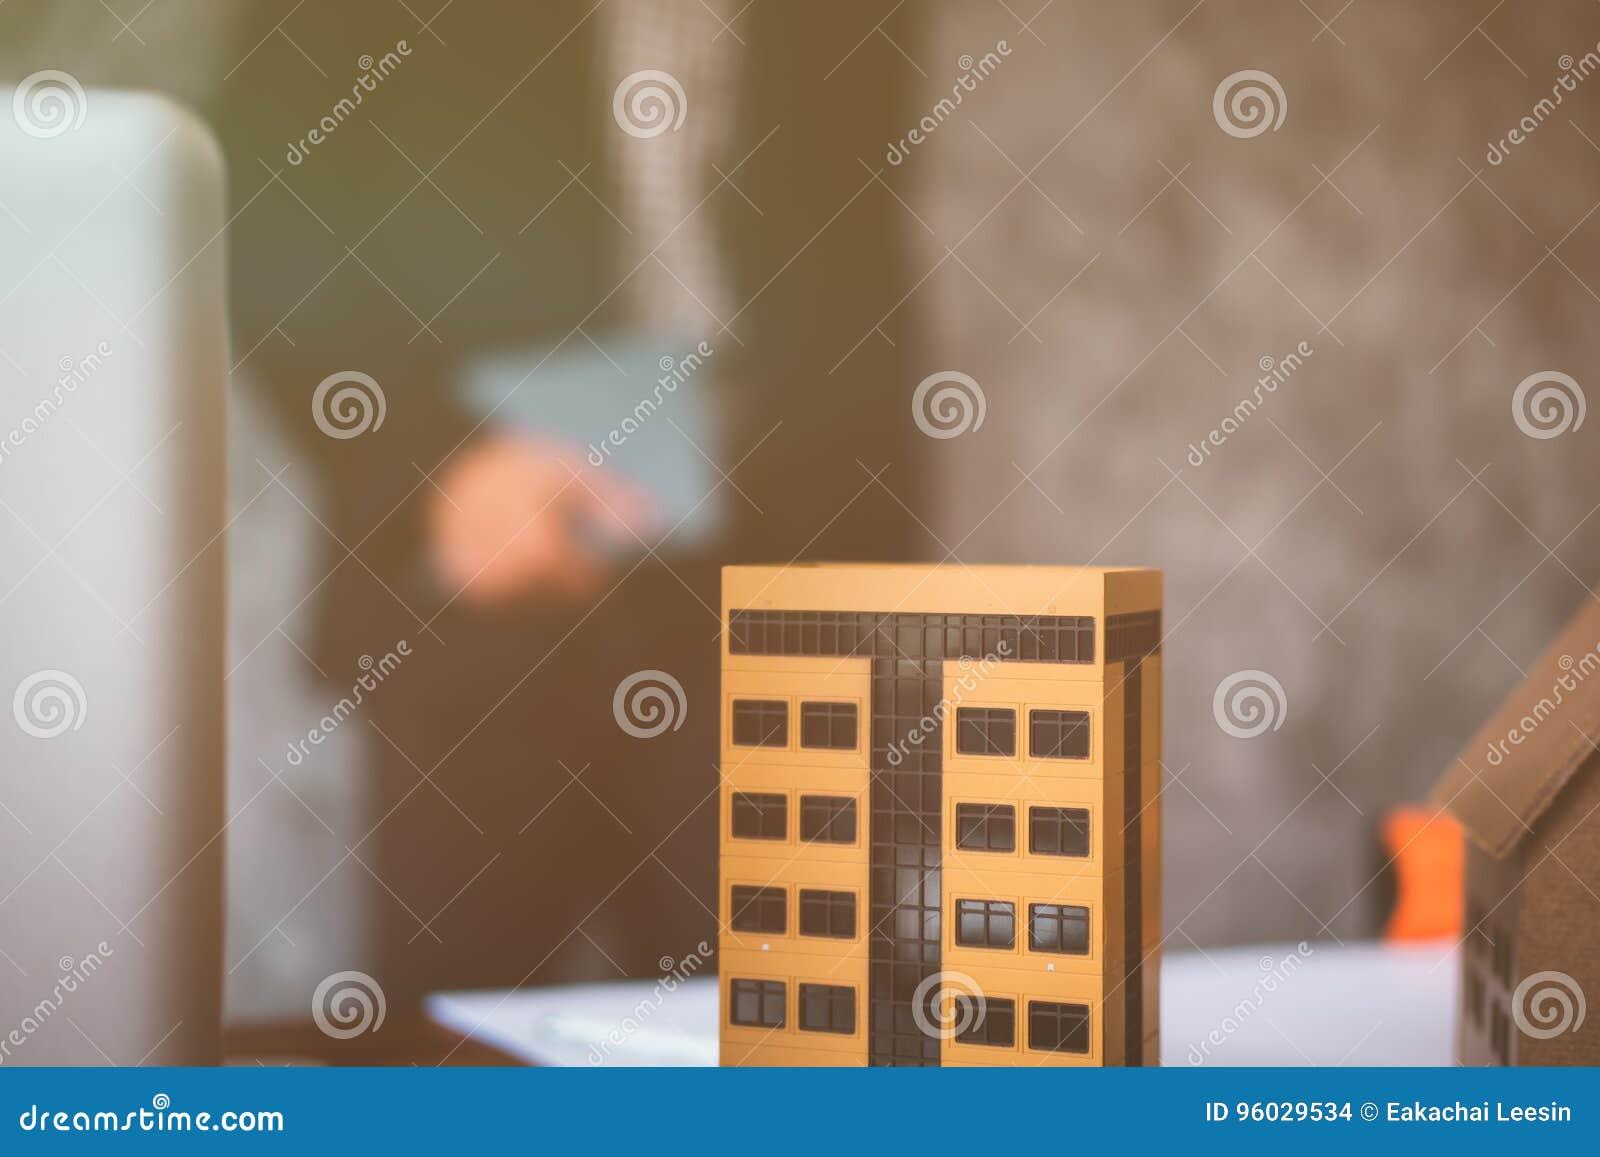 Majątkowy biznes z domami i budynkami dla sprzedaży